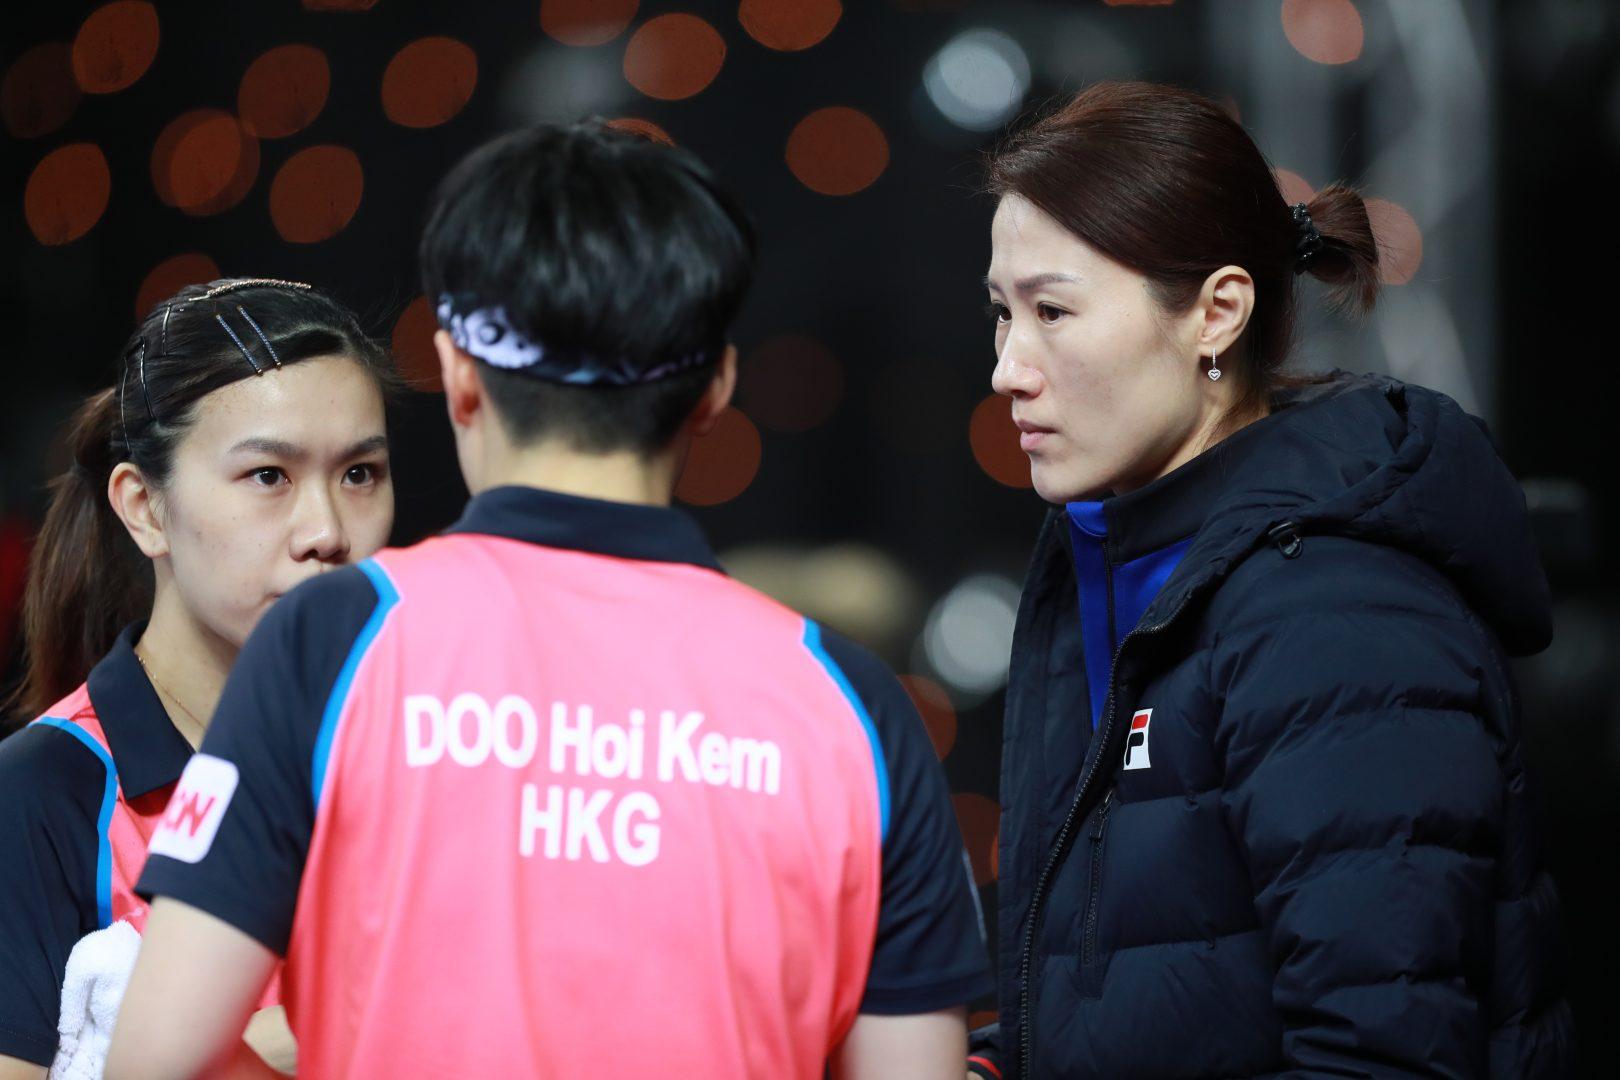 【卓球】中国2軍から中国越えへ Tリーグにも積極参戦、香港女子|東京五輪ライバル国特集